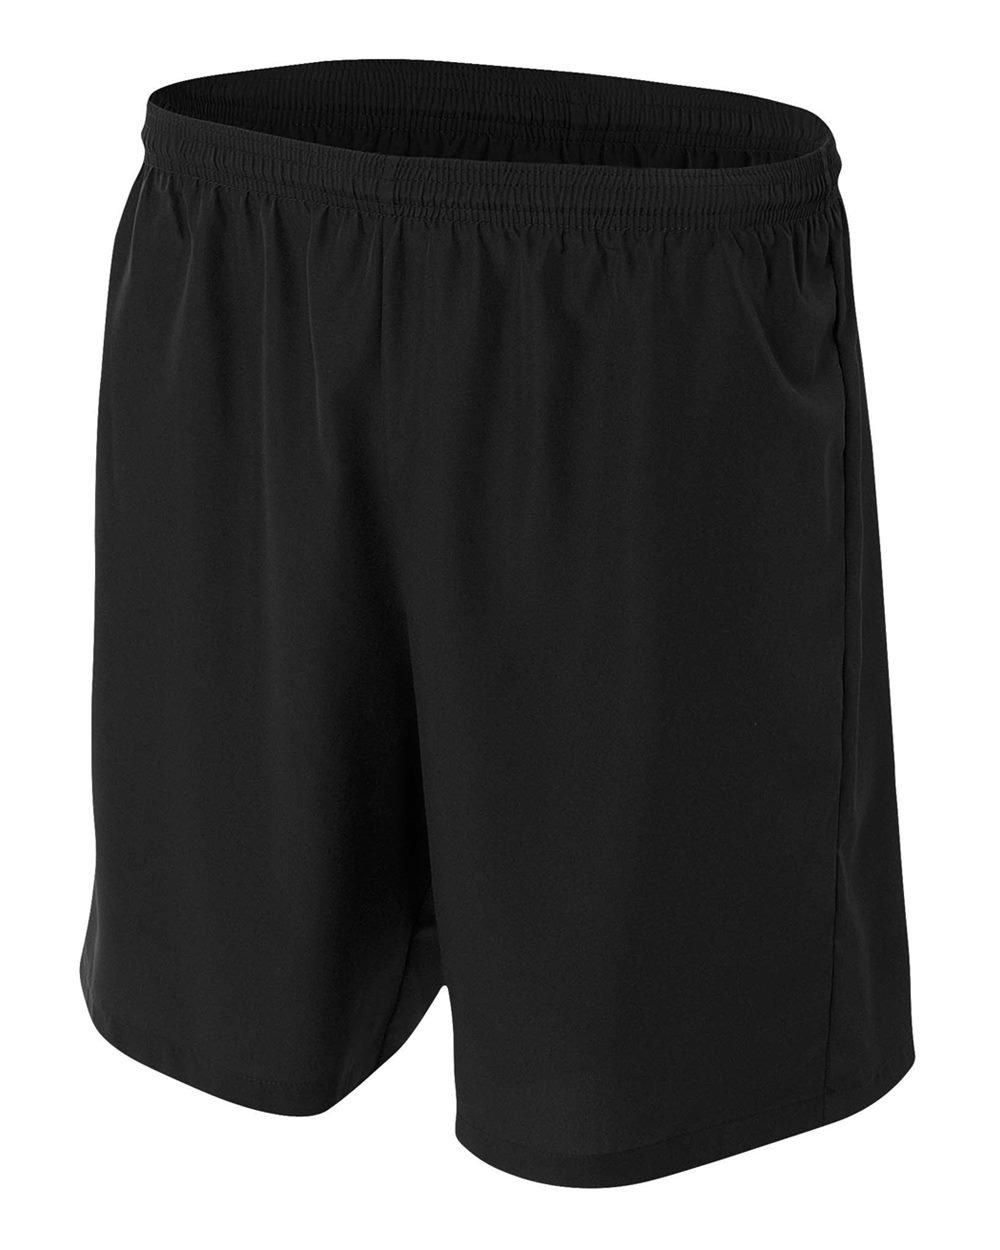 新しいWoven Soccer Shorts Moisture Wicking快適Odor & Stain Resistant ( 6色、子供&大人サイズ10 ) B00SVXQFMA Adult XL|ブラック ブラック Adult XL